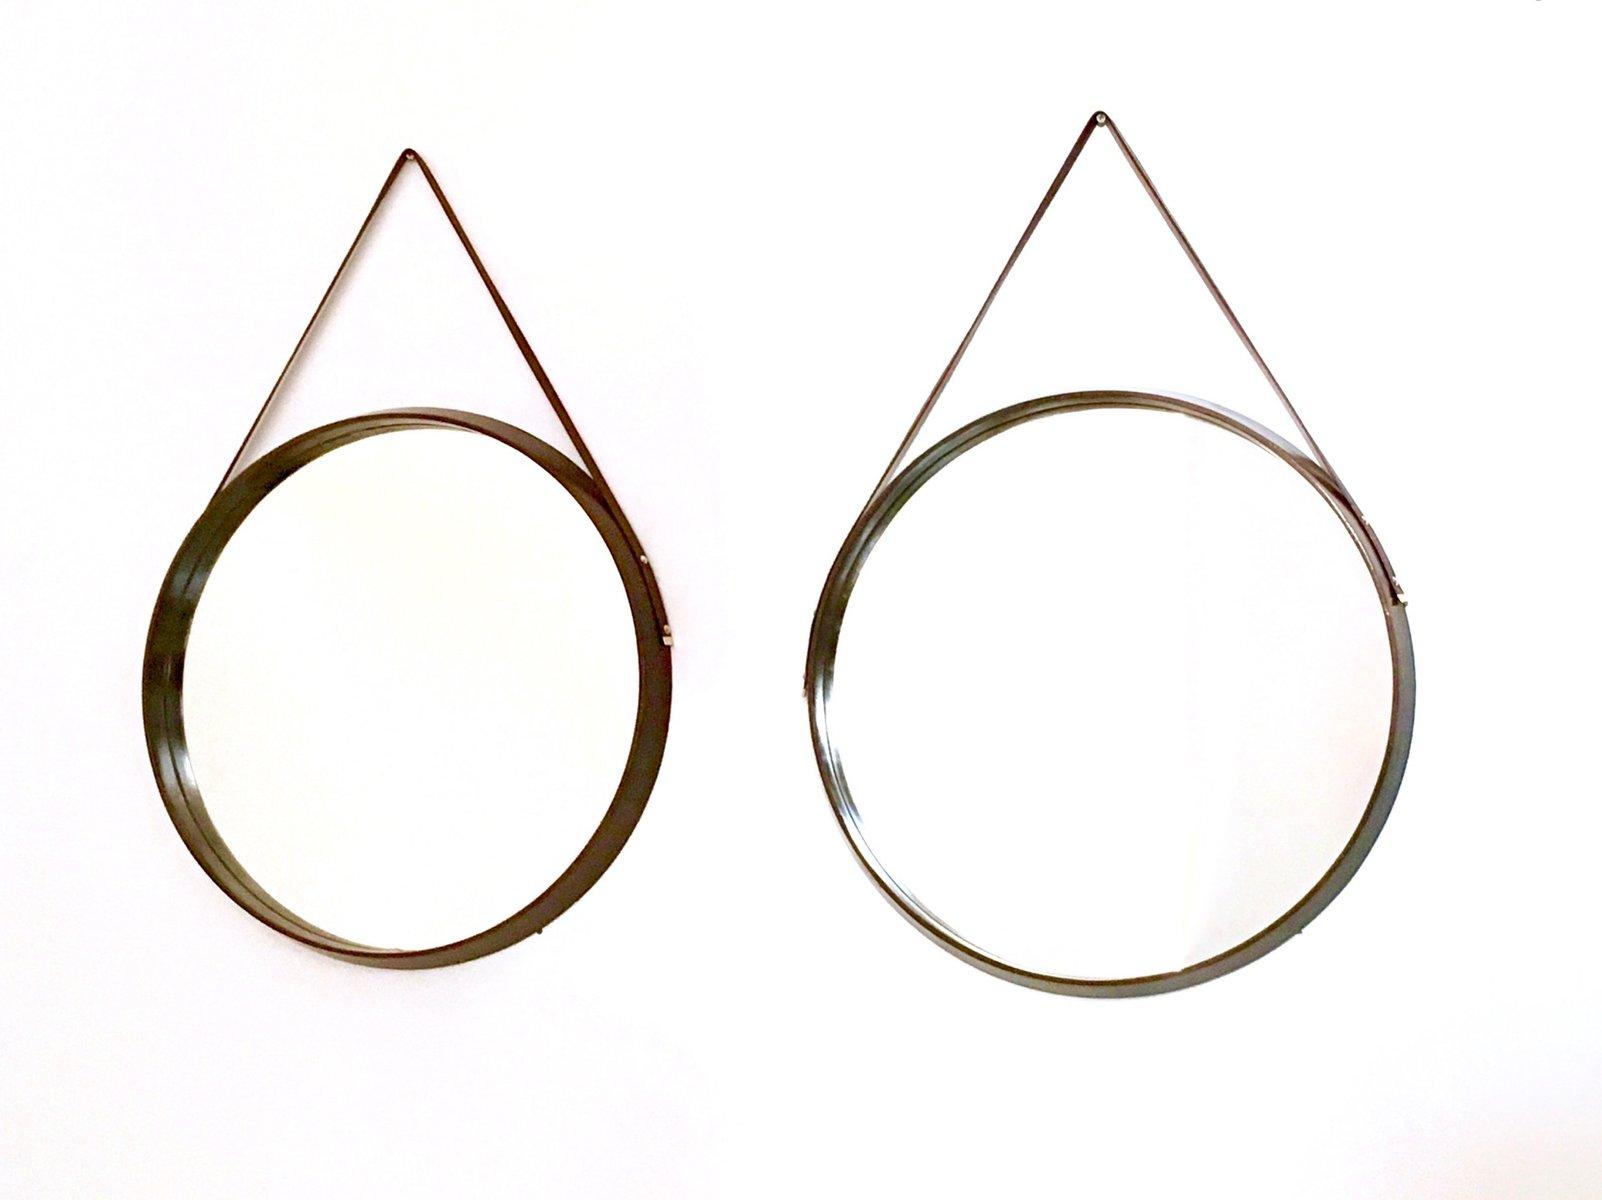 Runde italienische wandspiegel mit rahmen aus mahagoni leder 1950er 2er set bei pamono kaufen - Italienische designer wandspiegel ...